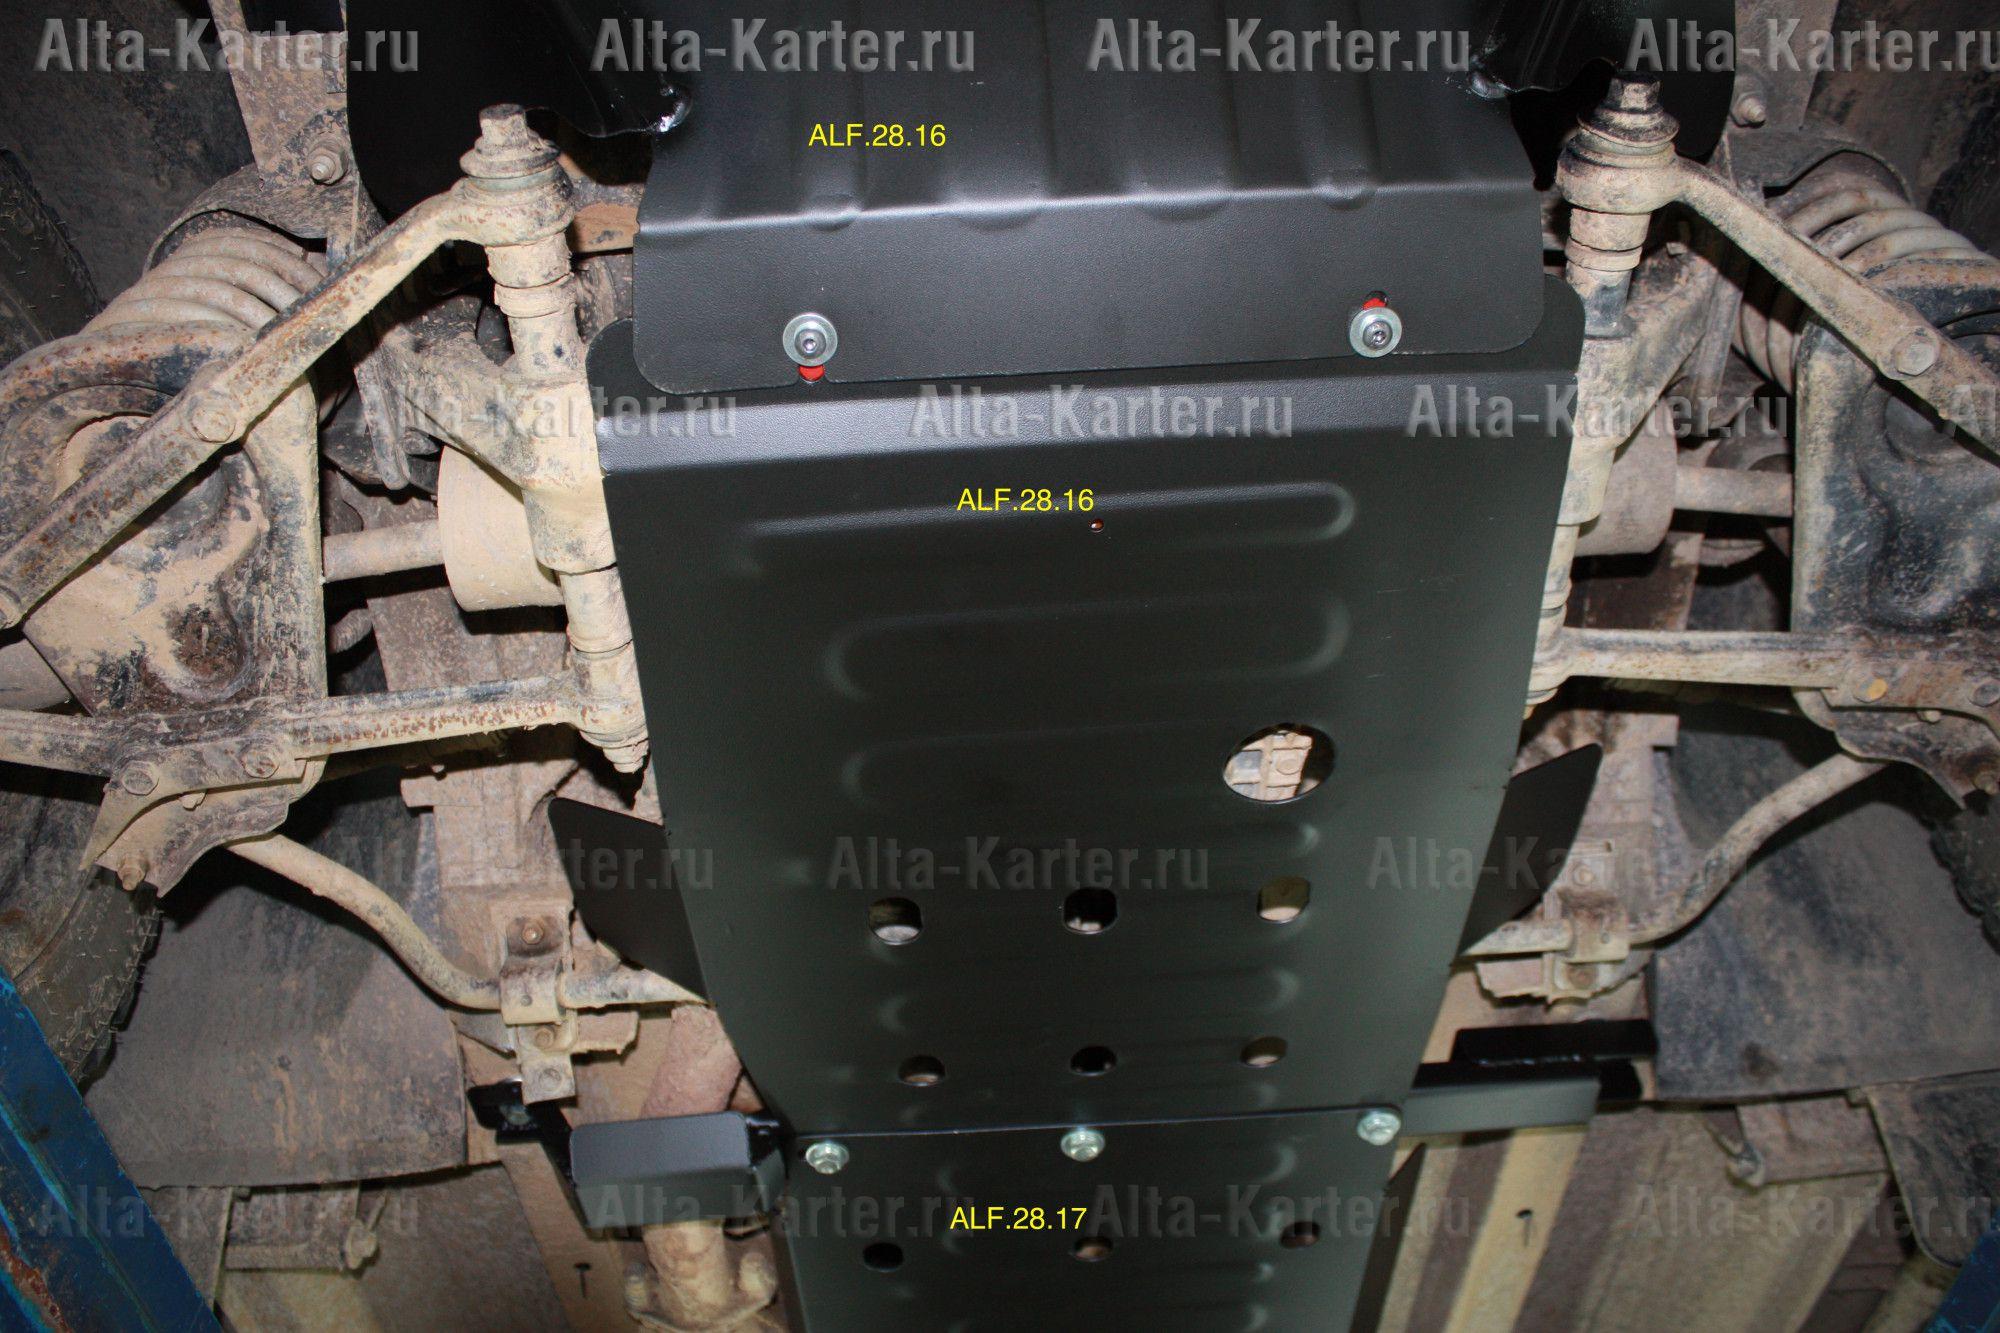 Защита Alfeco для картера и КПП (2 части) ВАЗ 21214-10 Нива 2002-2006. Артикул ALF.28.16